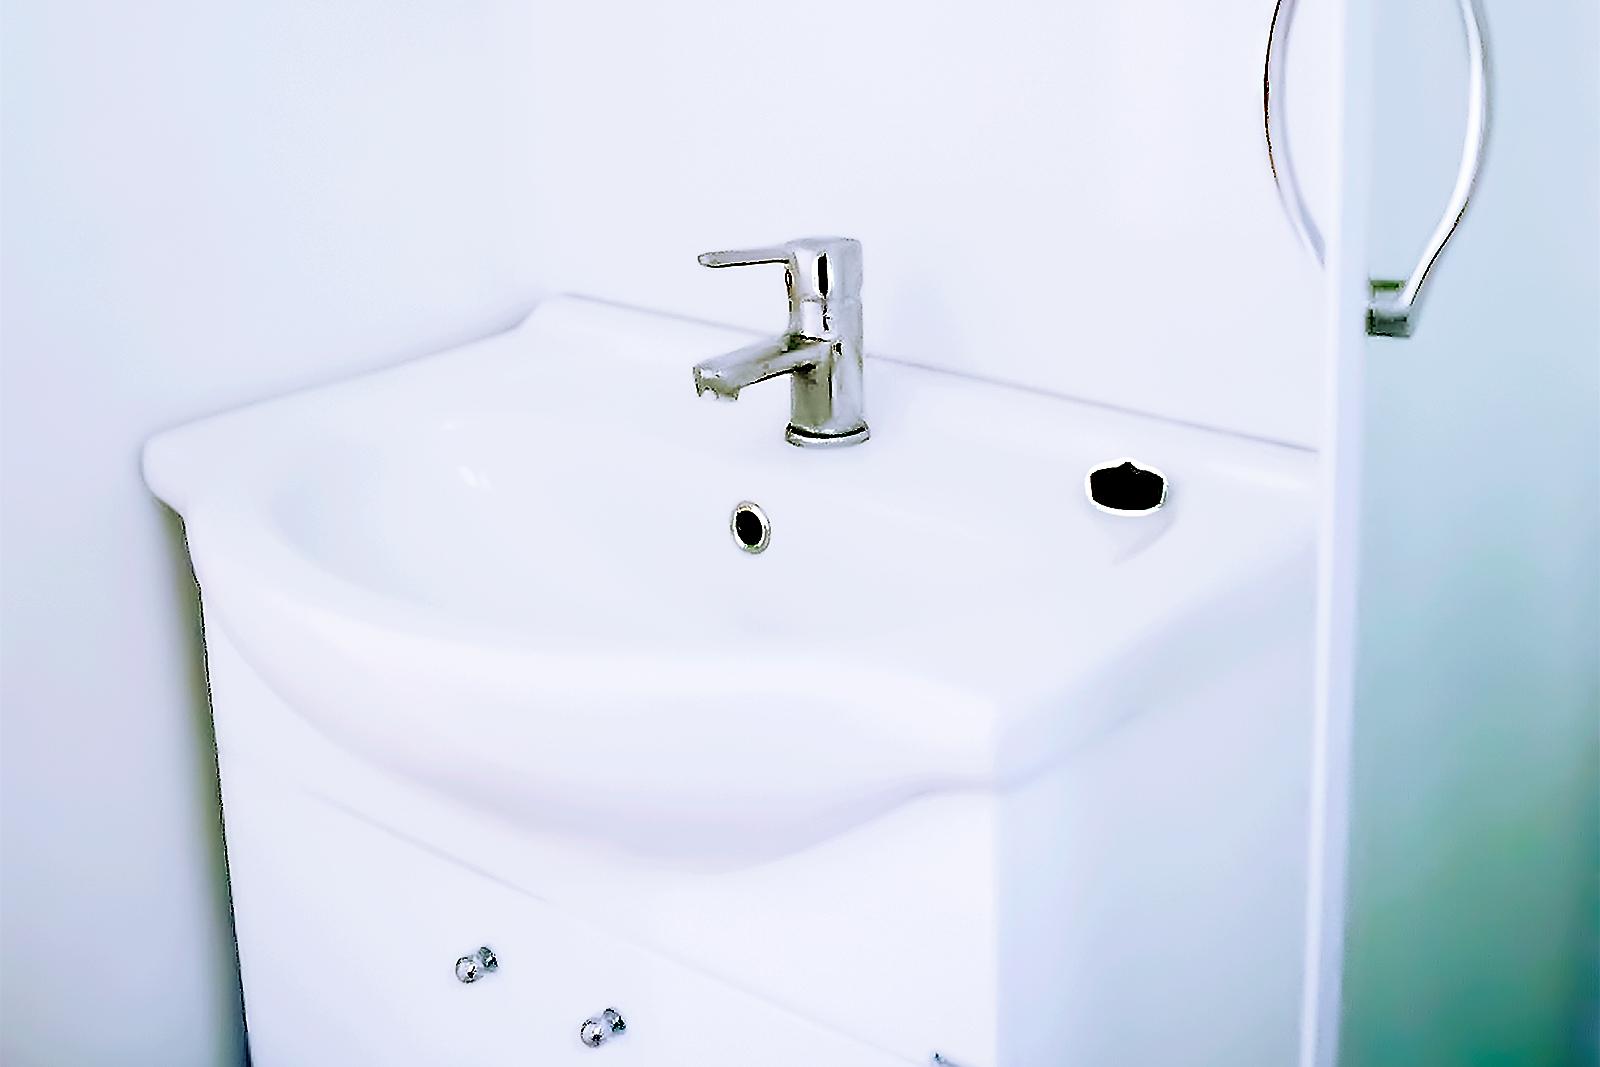 ferienhaus-an-der-ostsee-waschbecken